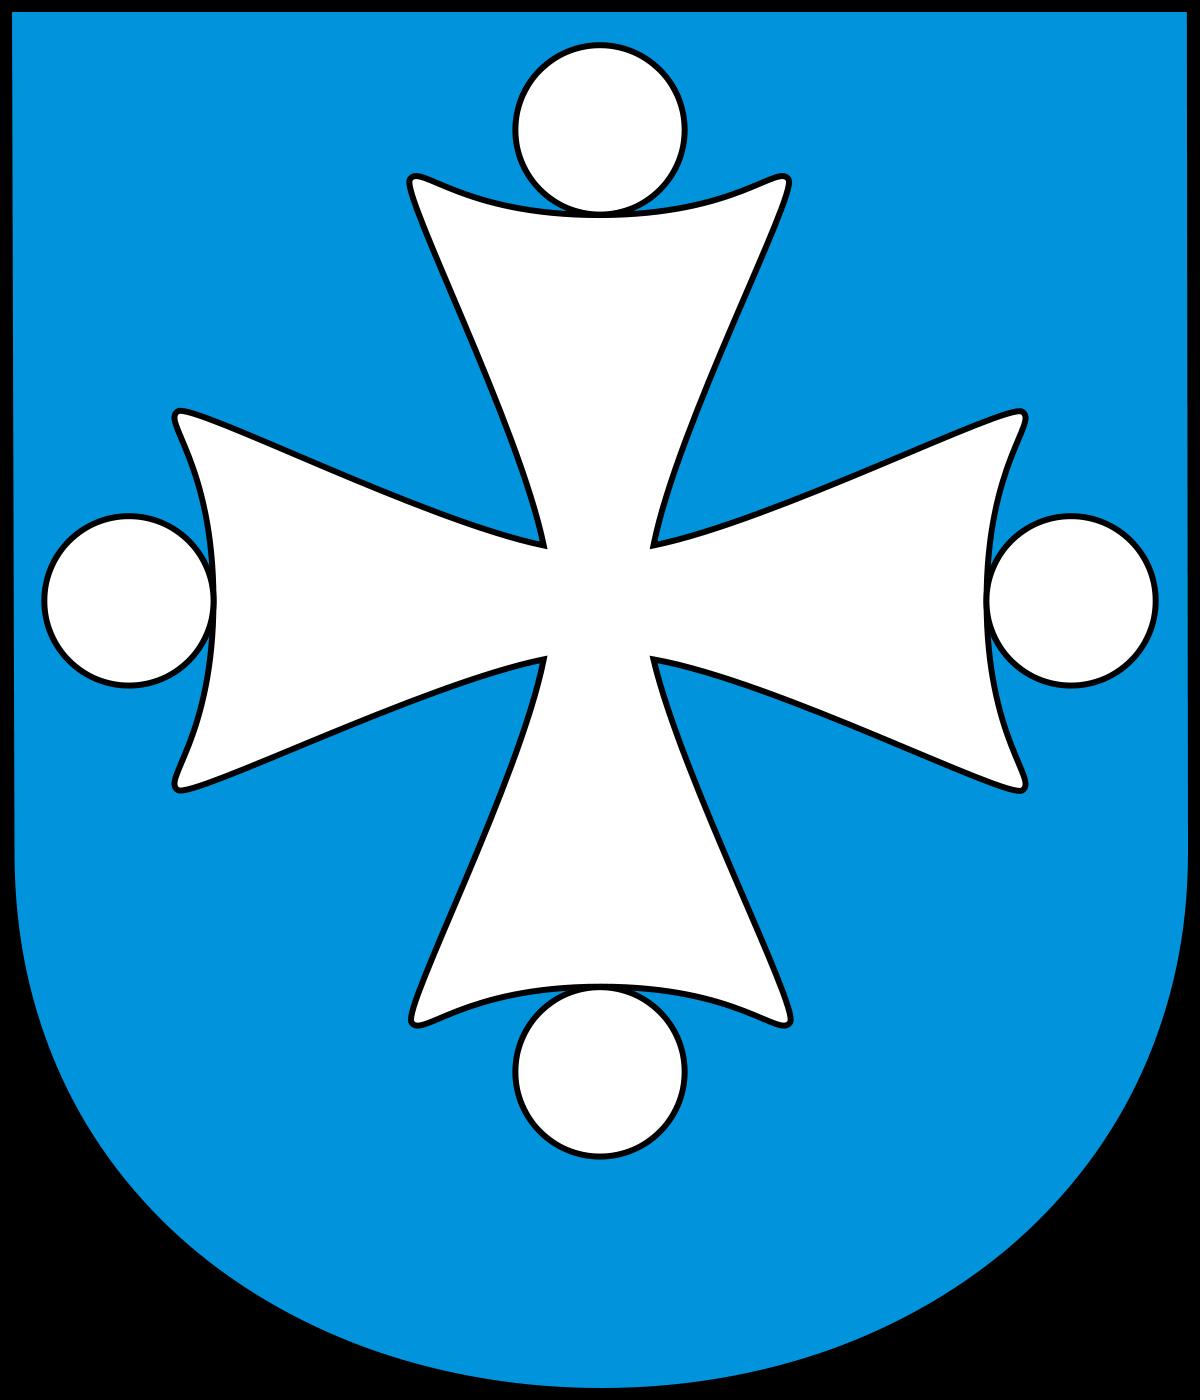 zasadniczym motywem herbu Brudzewa jest krzyż kawalerski (maltański) i widoczne cztery kule umieszczone na ramionach owego krzyża.